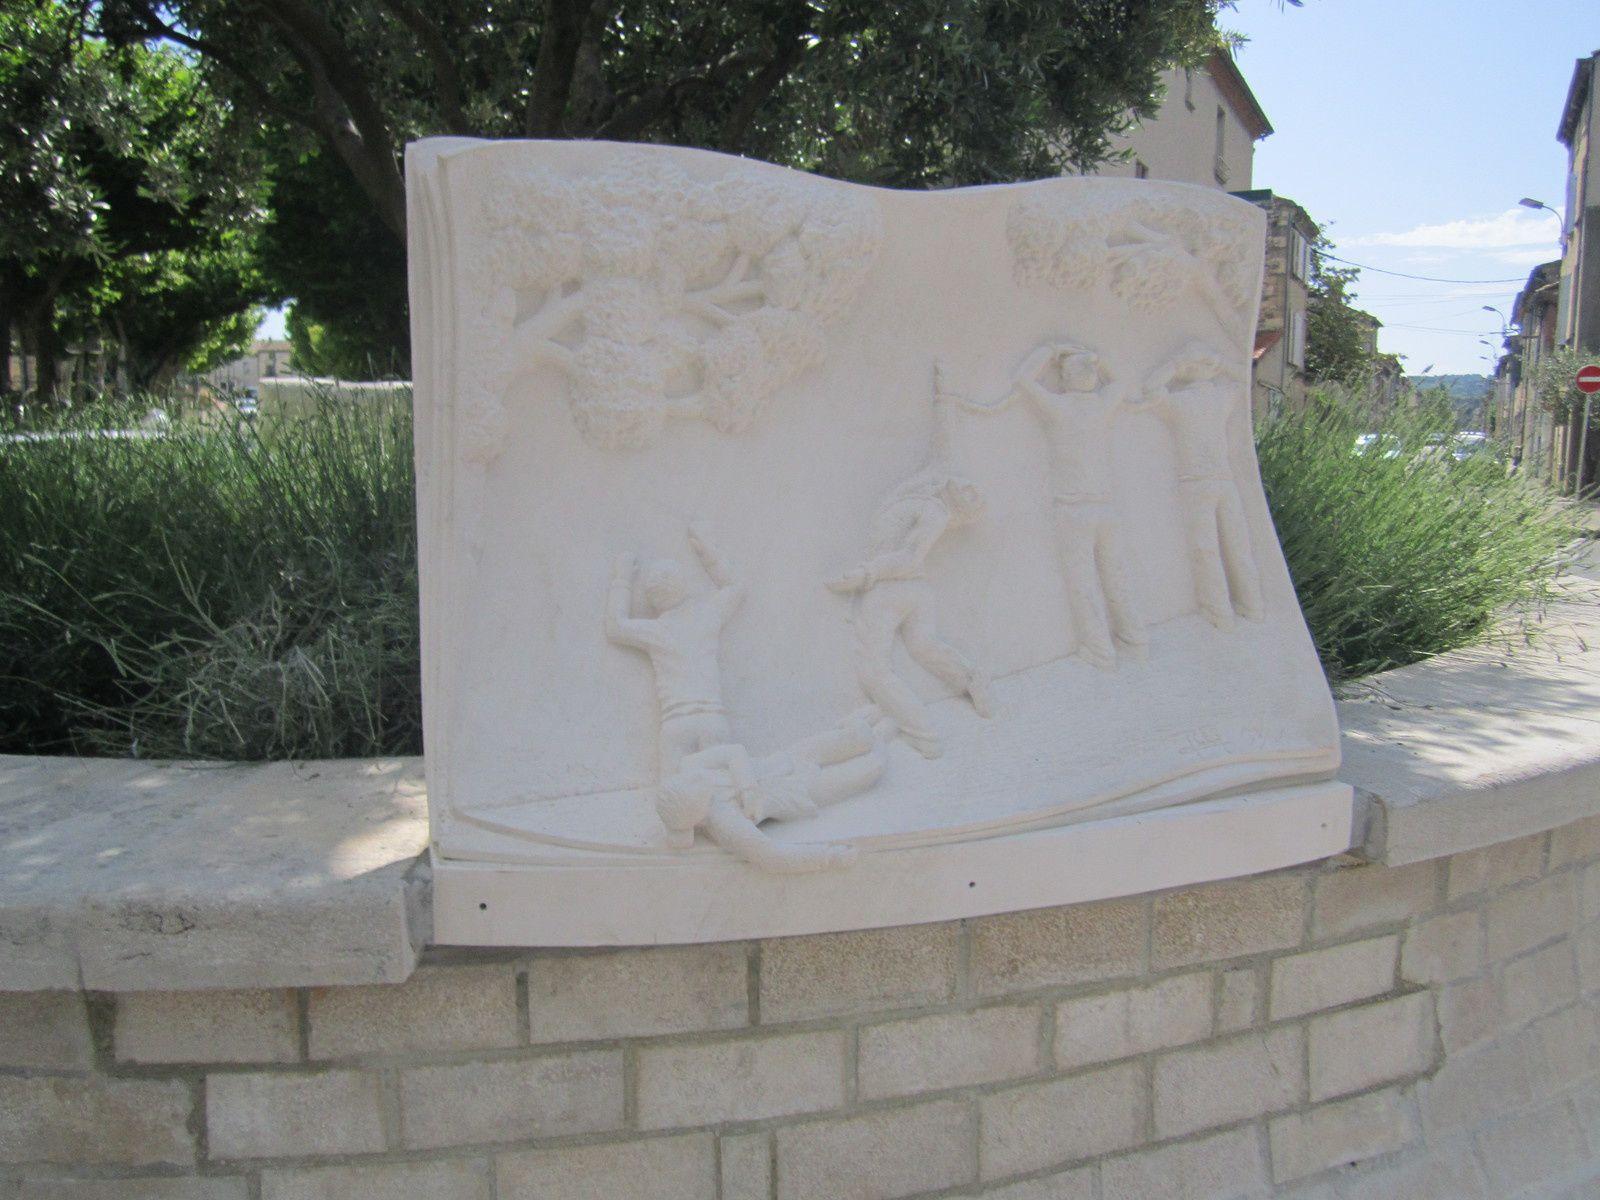 Sculpture du rond-point du 12 juin 1944